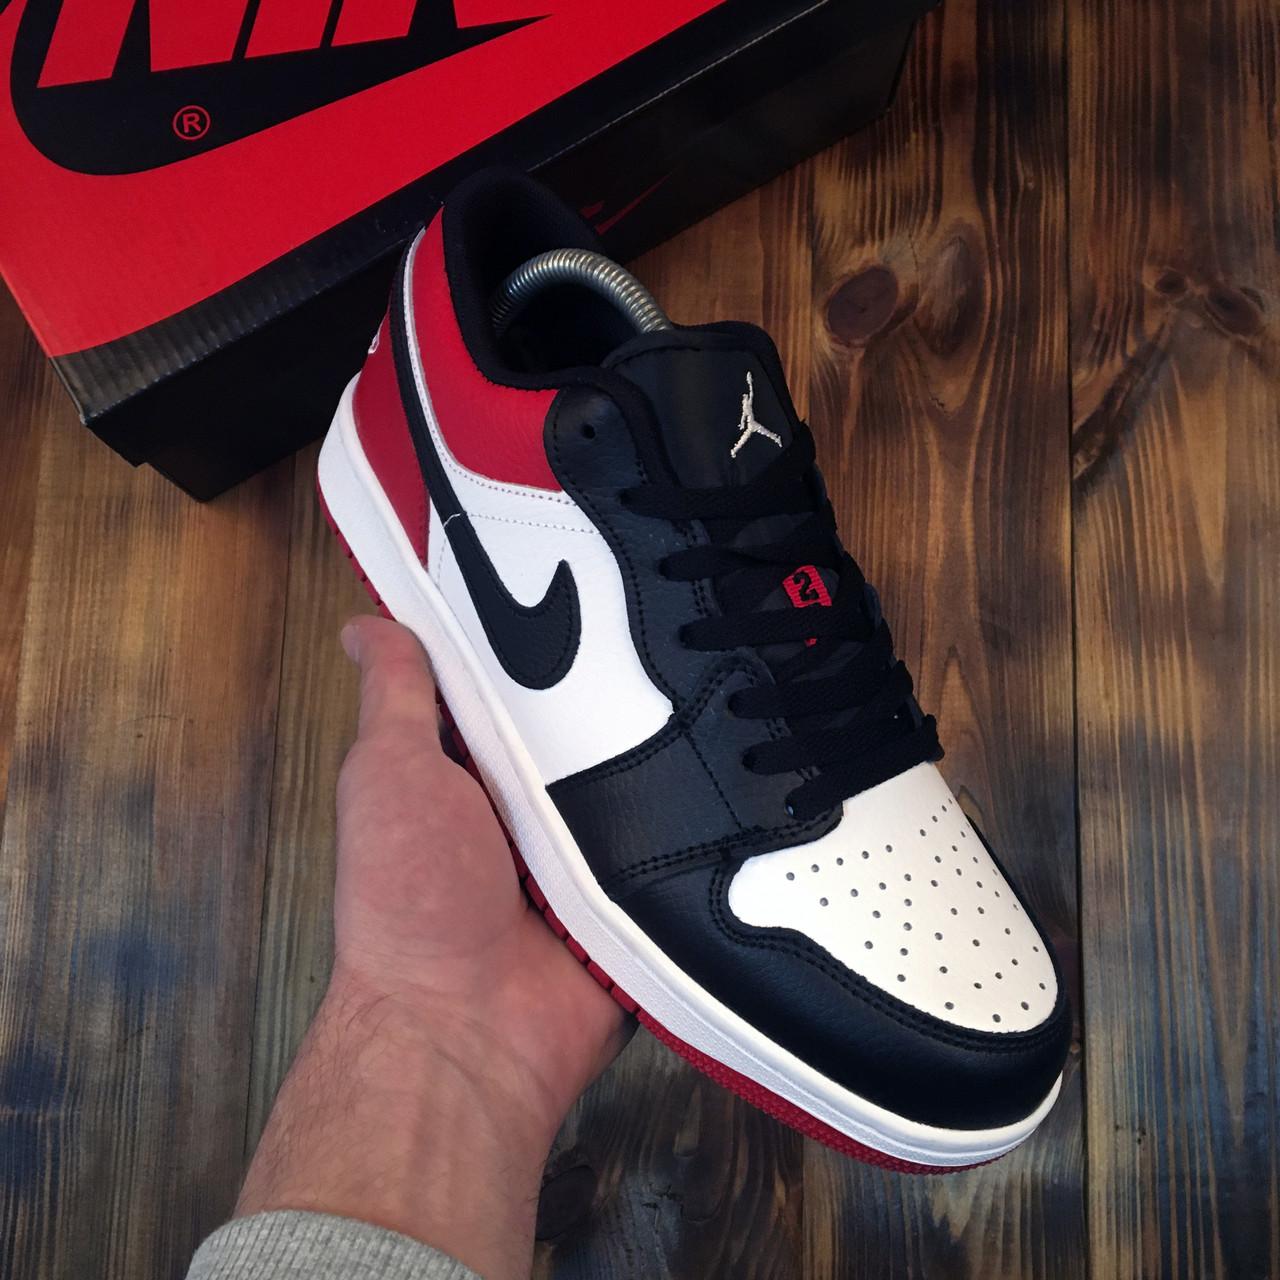 Чоловічі кросівки Nike Air Jordan 1 Low Red Black Найк Аїр Джордан 1 Лоу чорно червоні Репліка